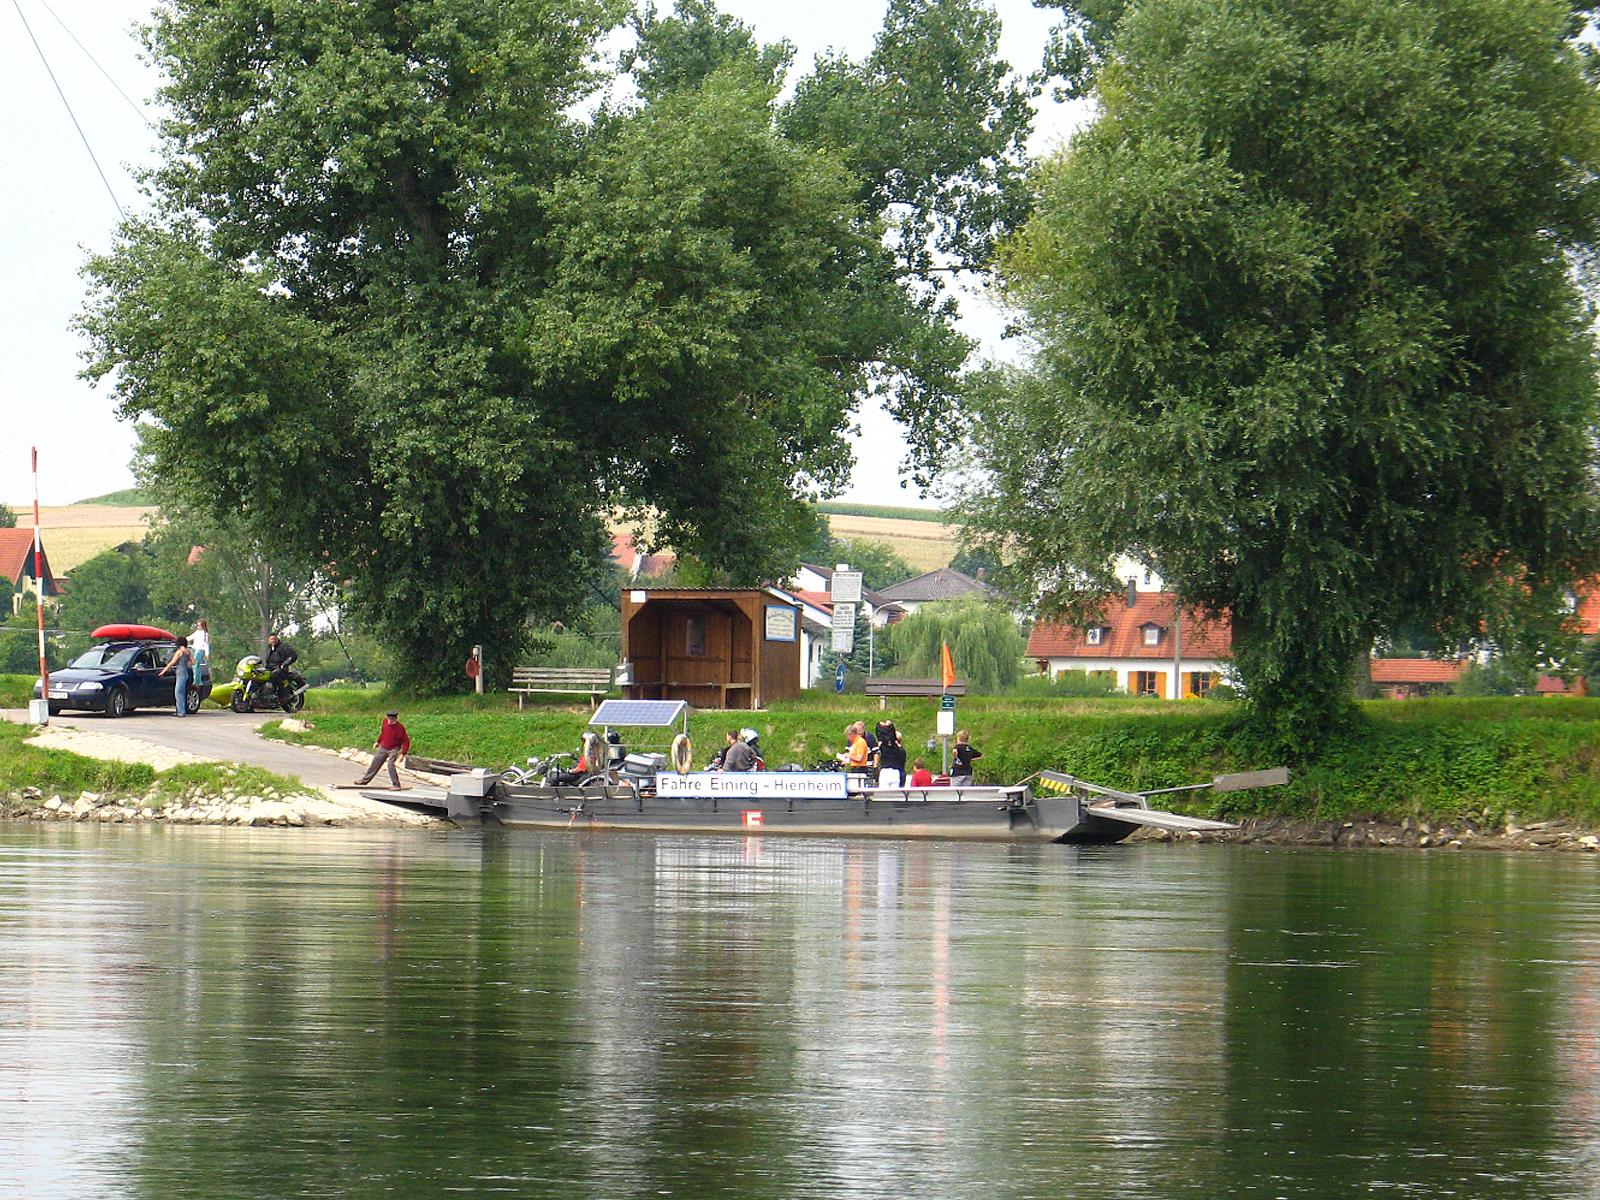 Fahre Eining Neustadt An Der Donau